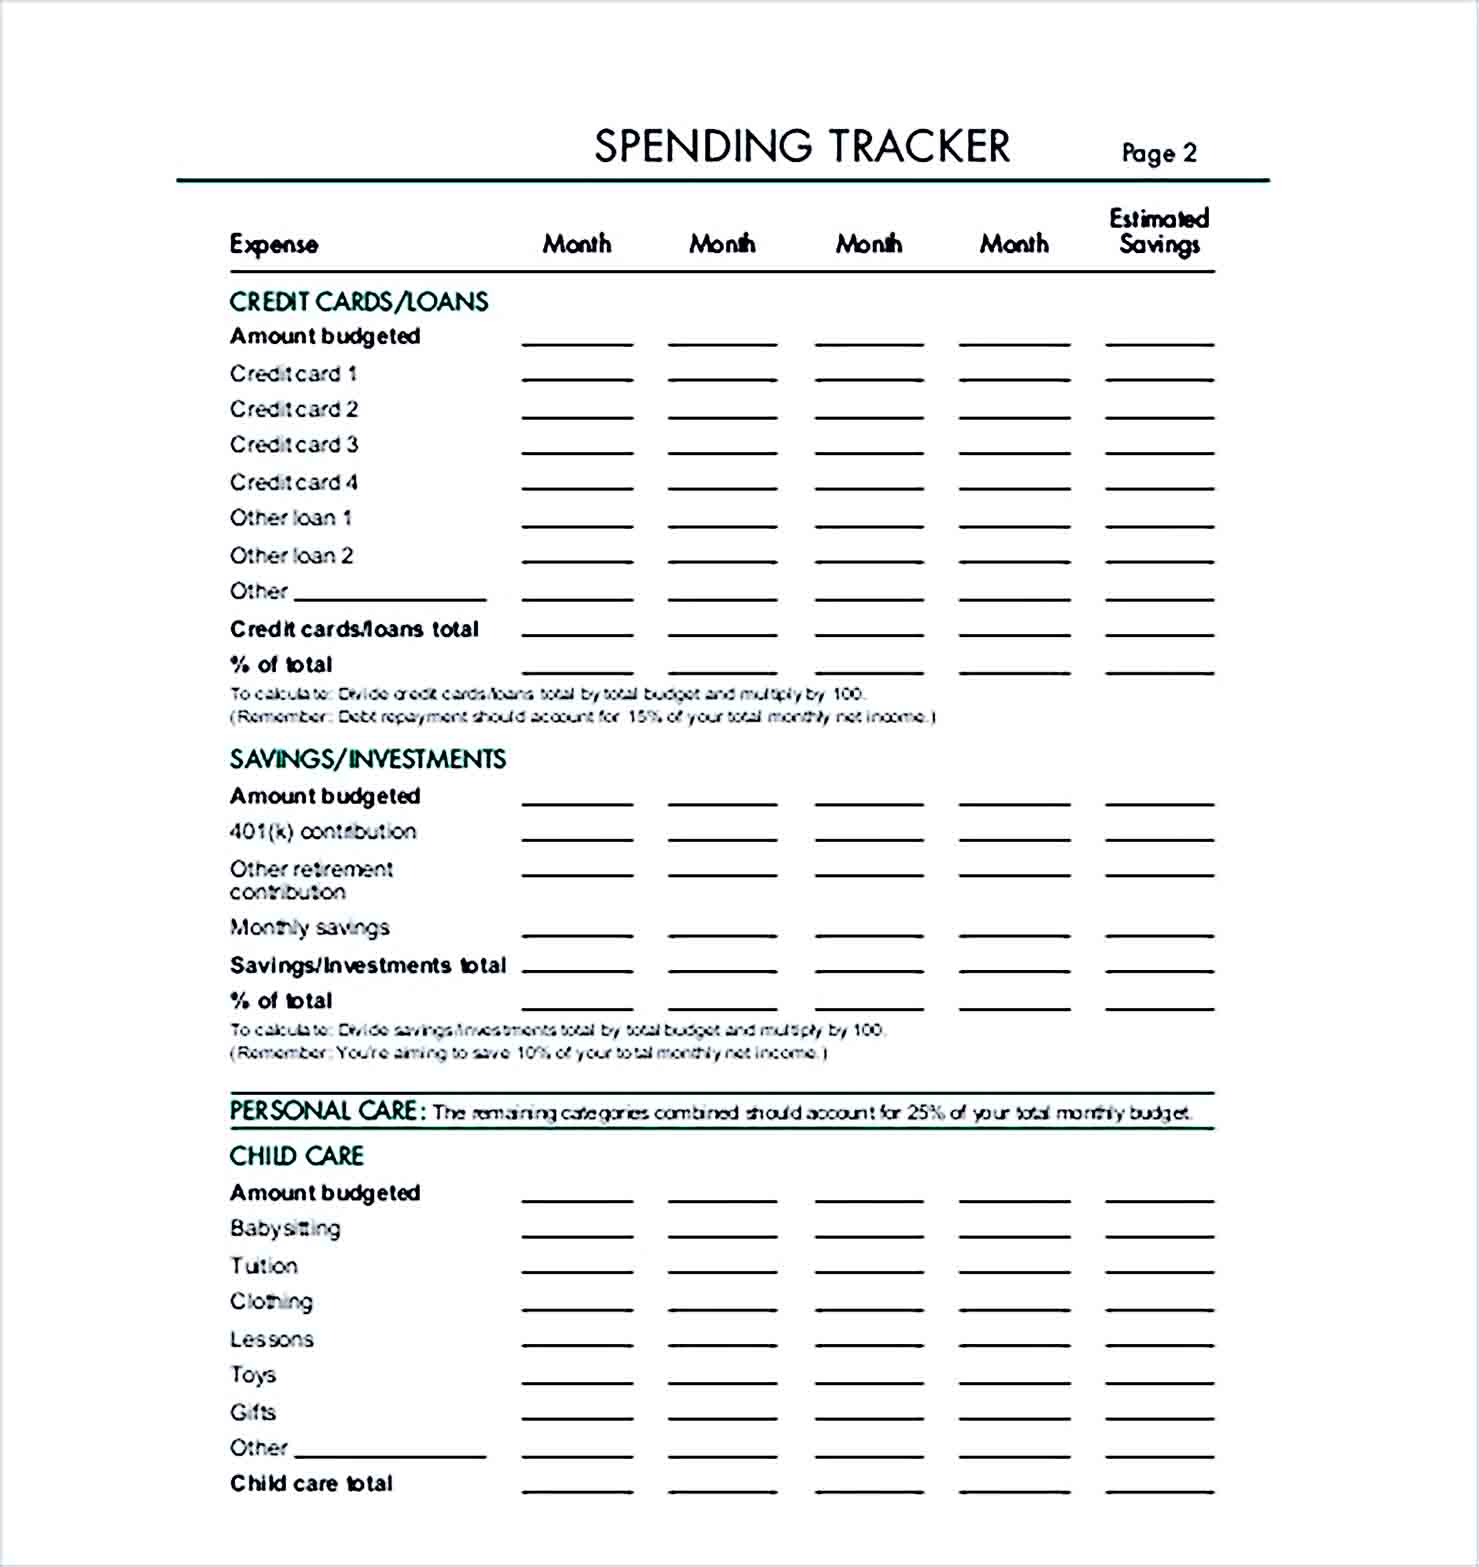 Sample SPENDING TRACKER Format